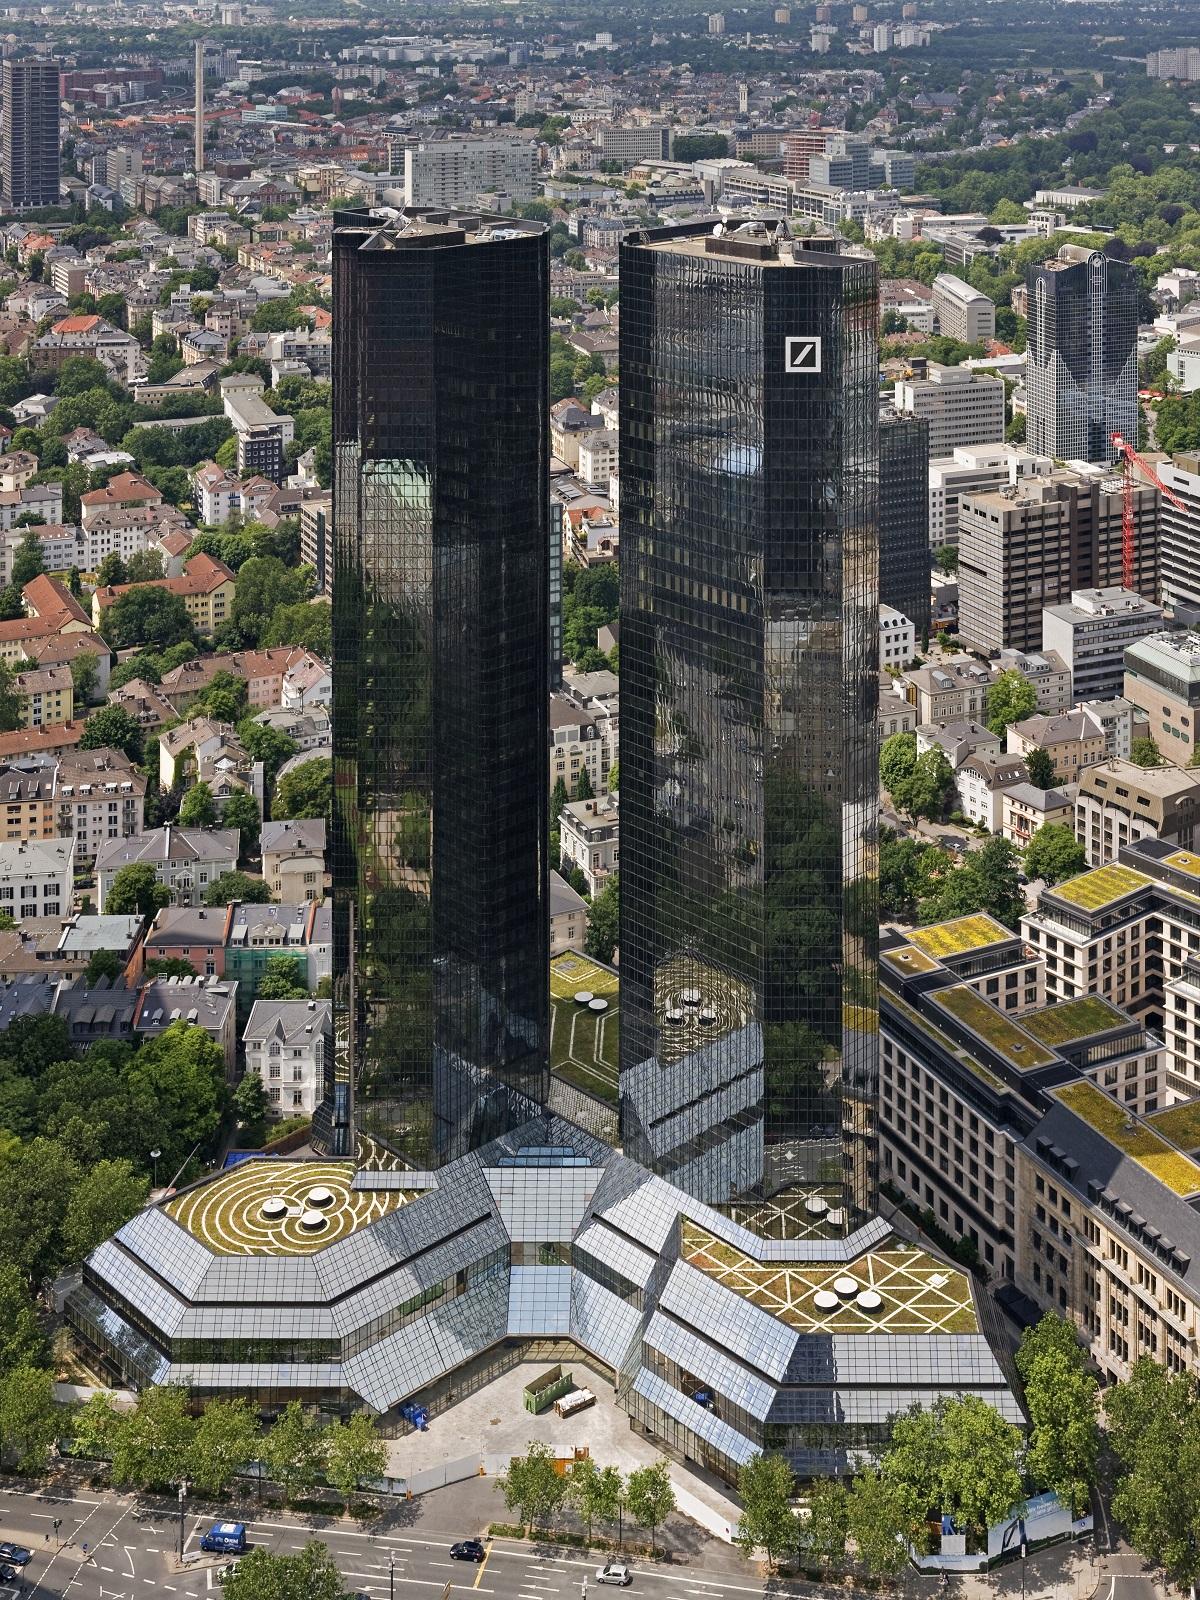 """المقر العام لـ""""دويتشه بنك"""" في فرنكفورت: فكر بعض رؤسائه نقله إلى نيويورك أو لندن"""